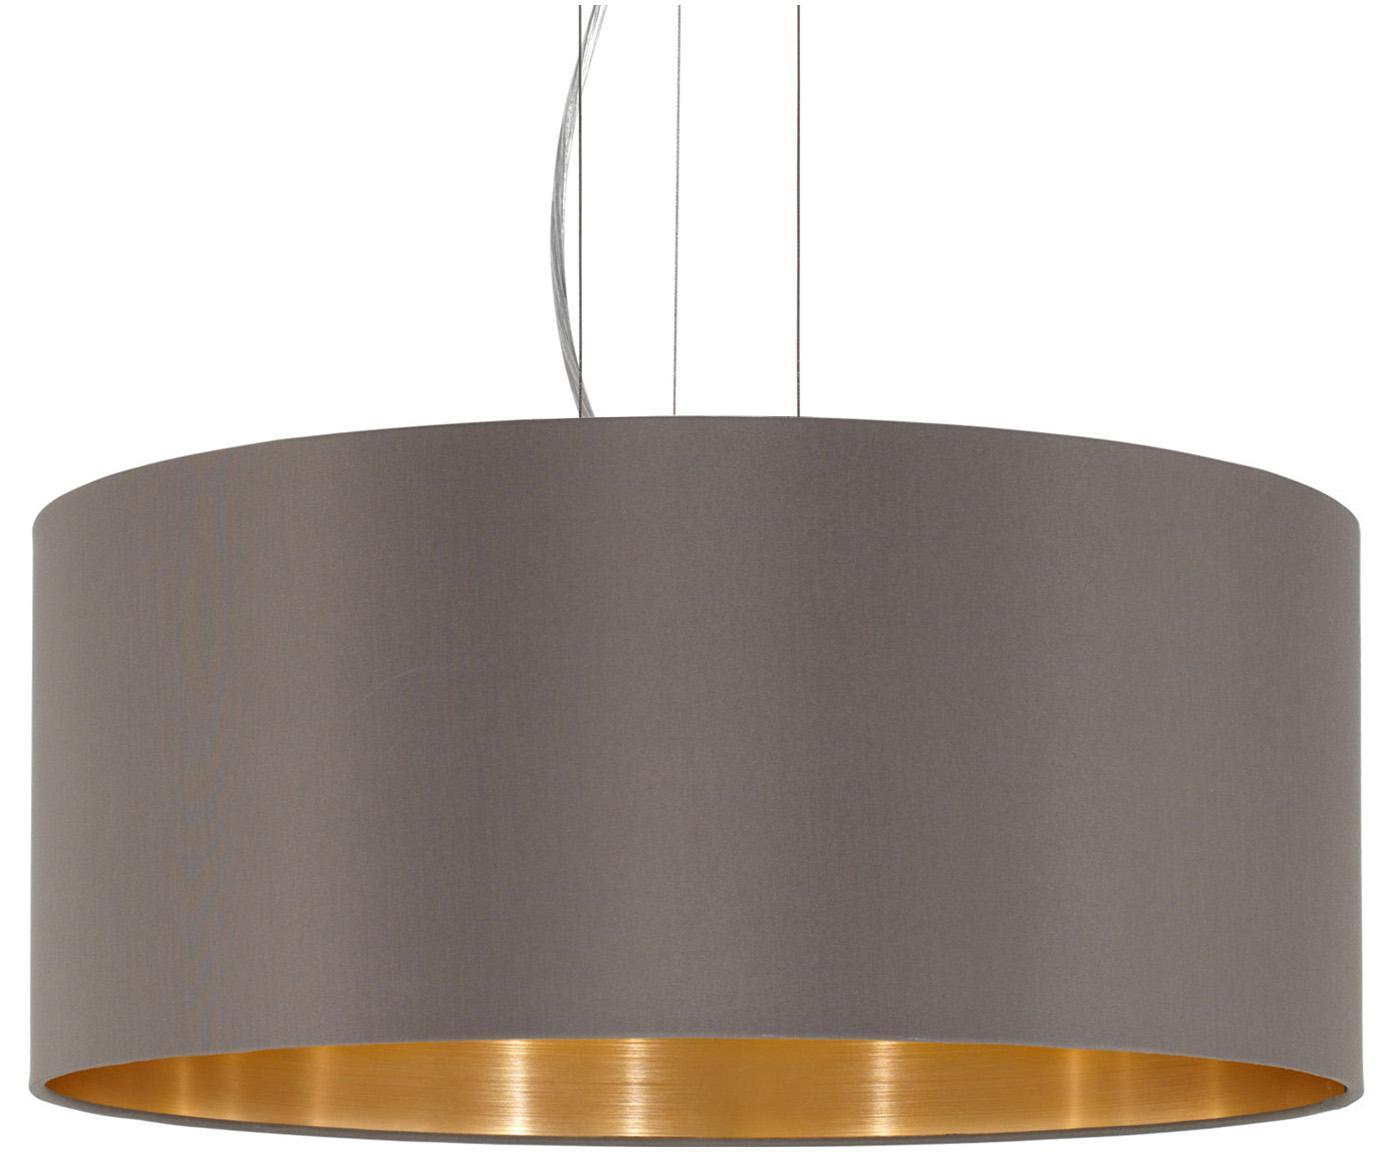 Lámpara de techo Jamie, Anclaje: metal niquelado, Cable: plástico, Plateado, gris beige, Ø 53 x Al 24 cm